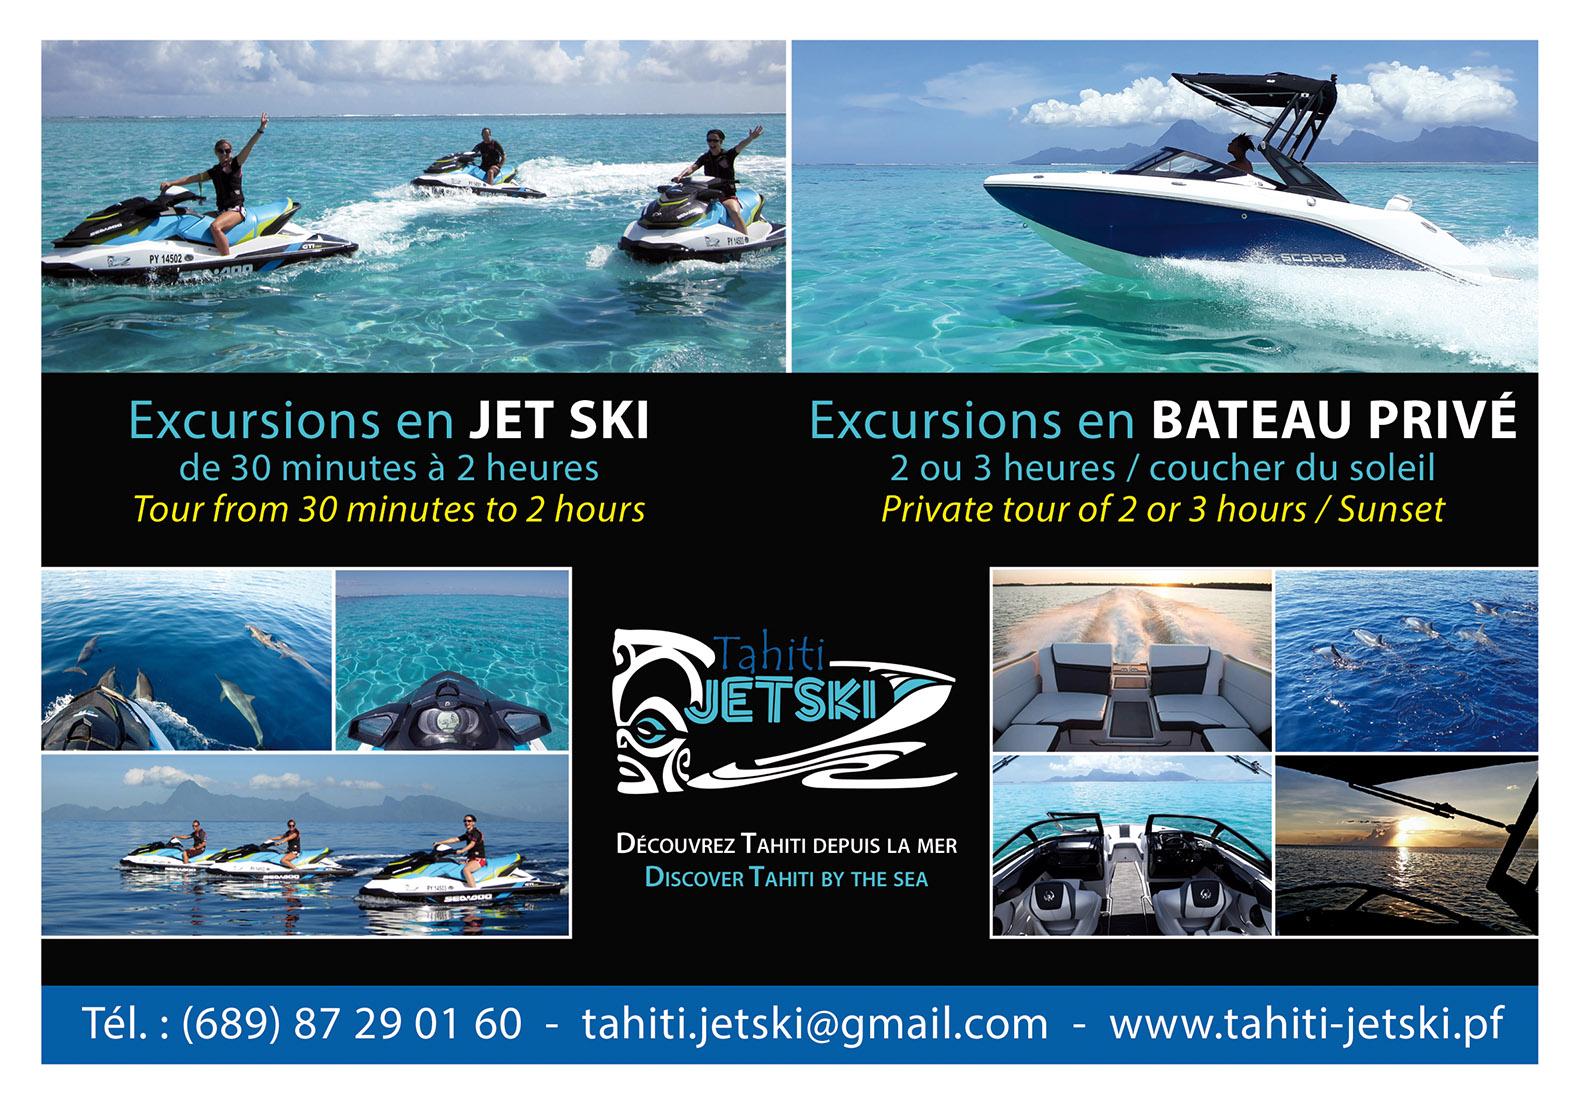 https://tahititourisme.be/wp-content/uploads/2017/08/Tahiti-Jet-Ski-190x130-sept-2.jpg